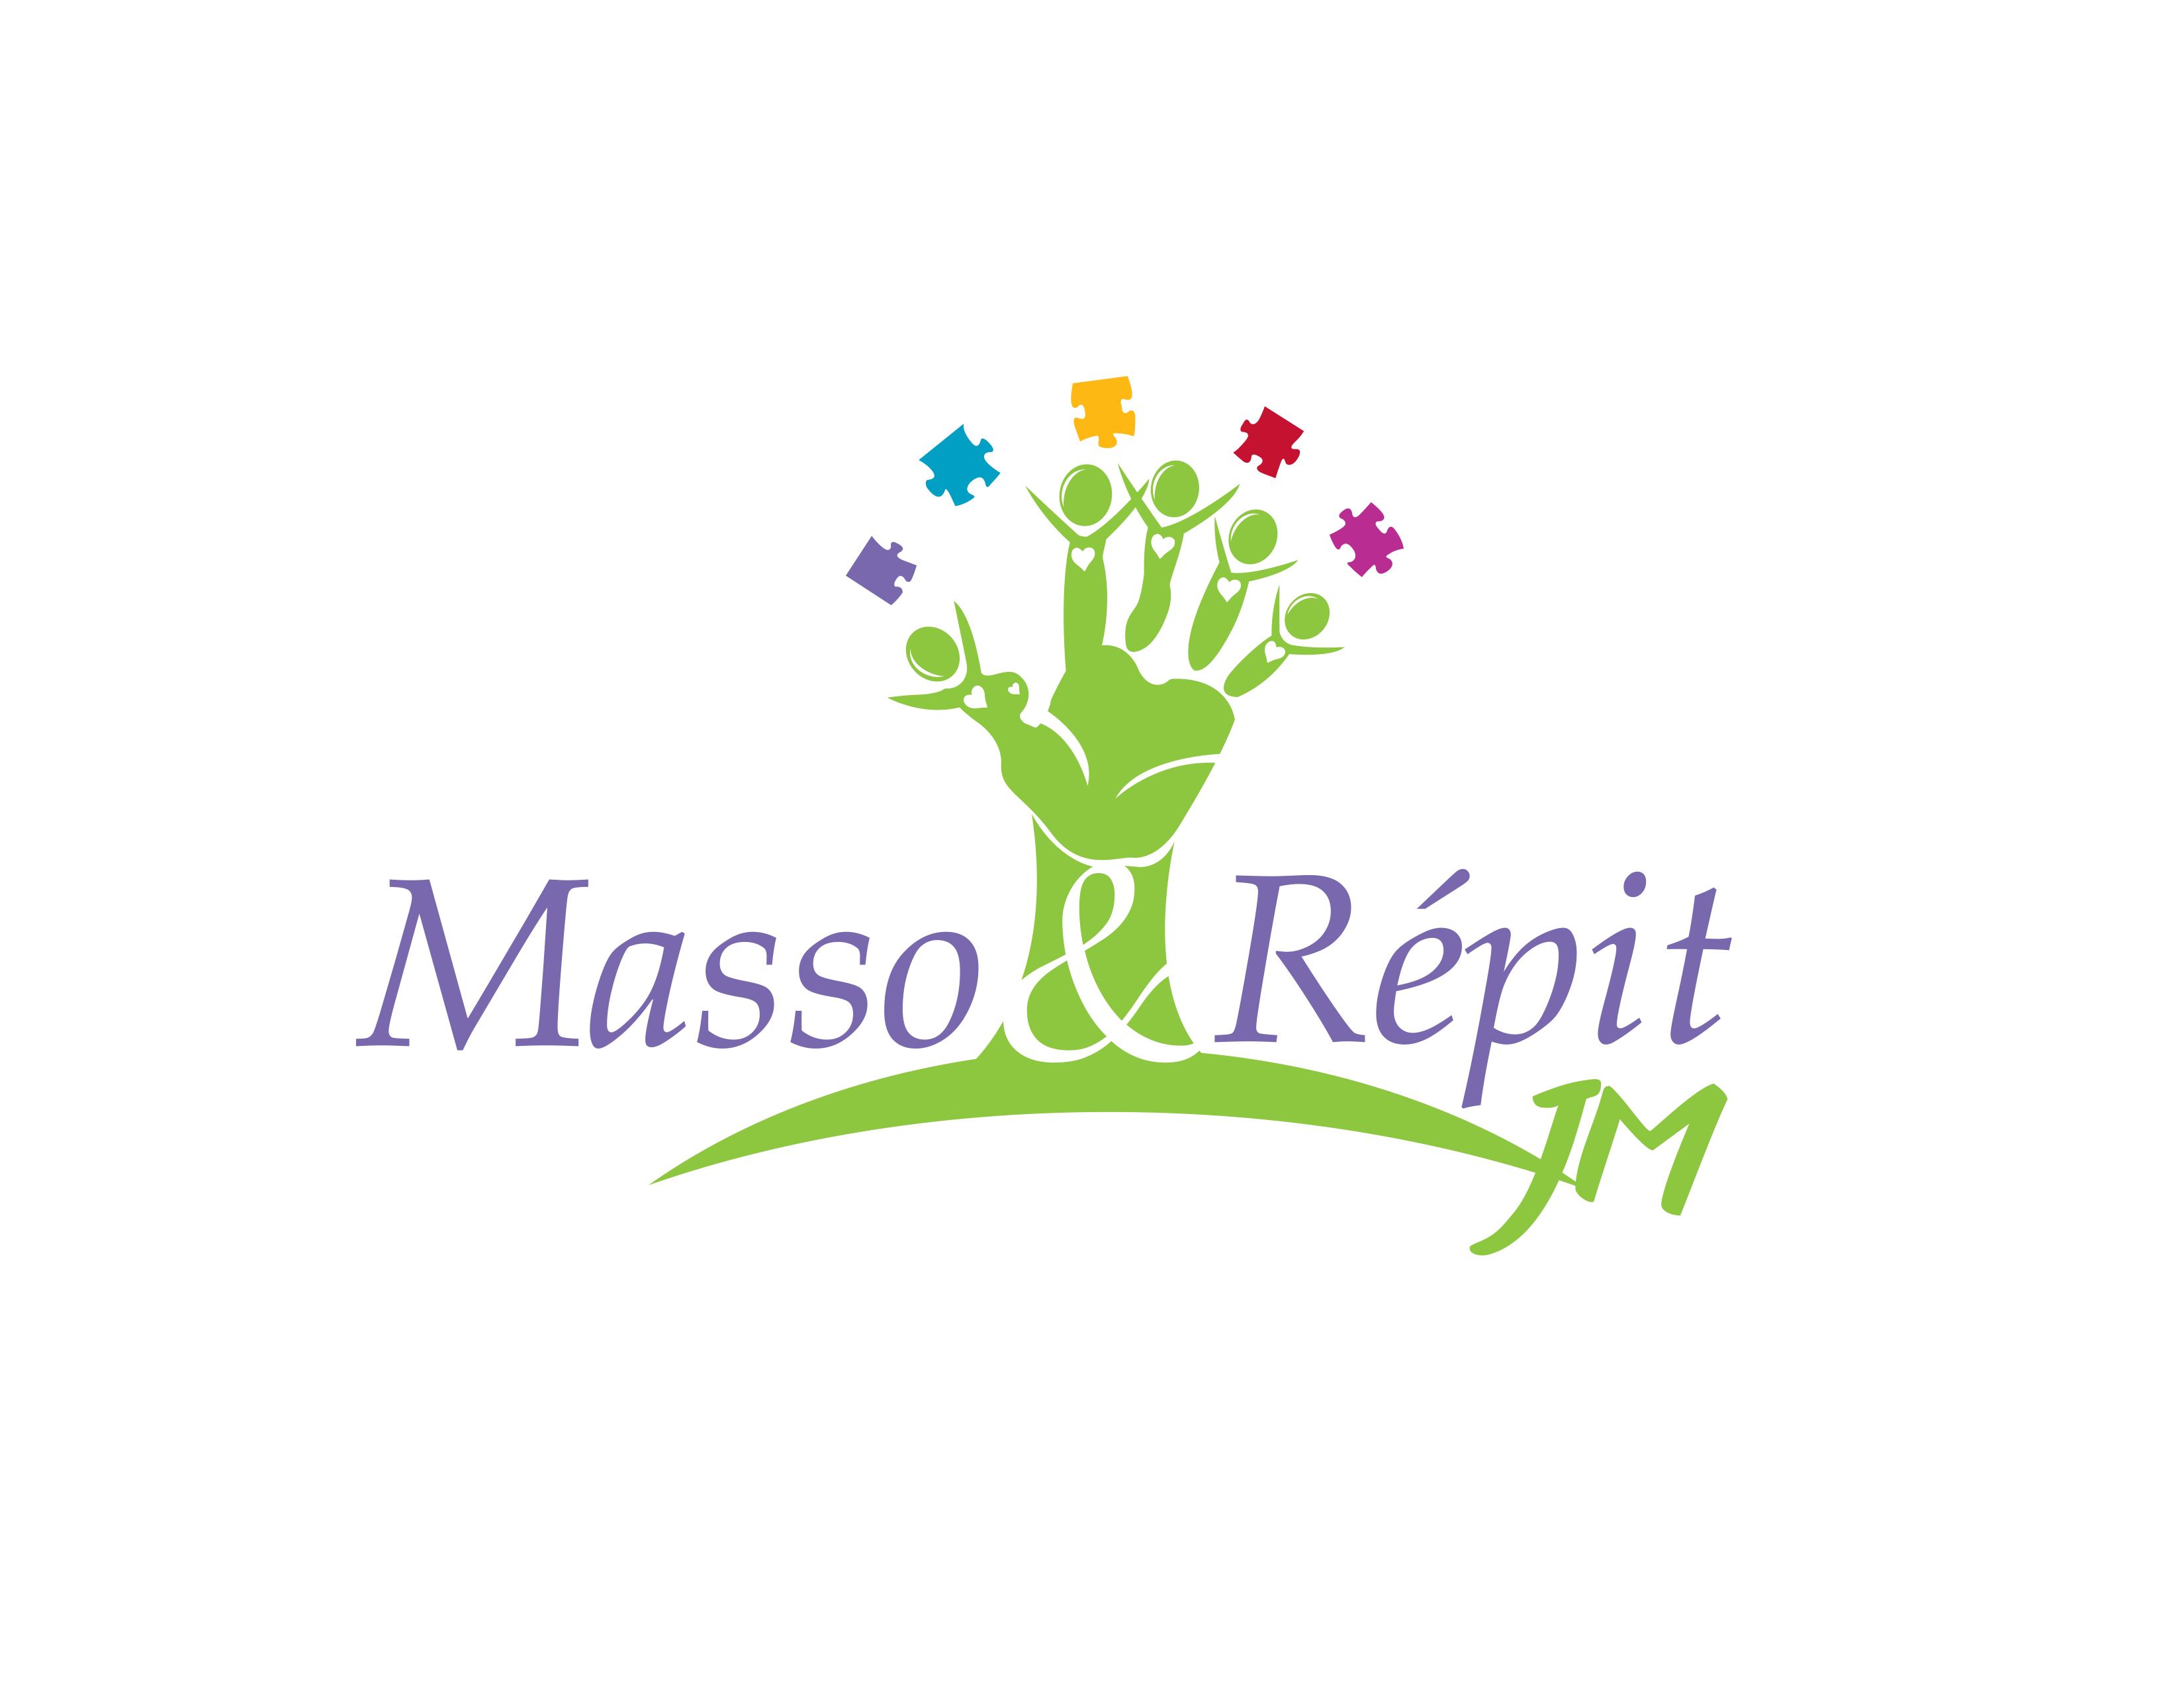 Masso&Répit J.M